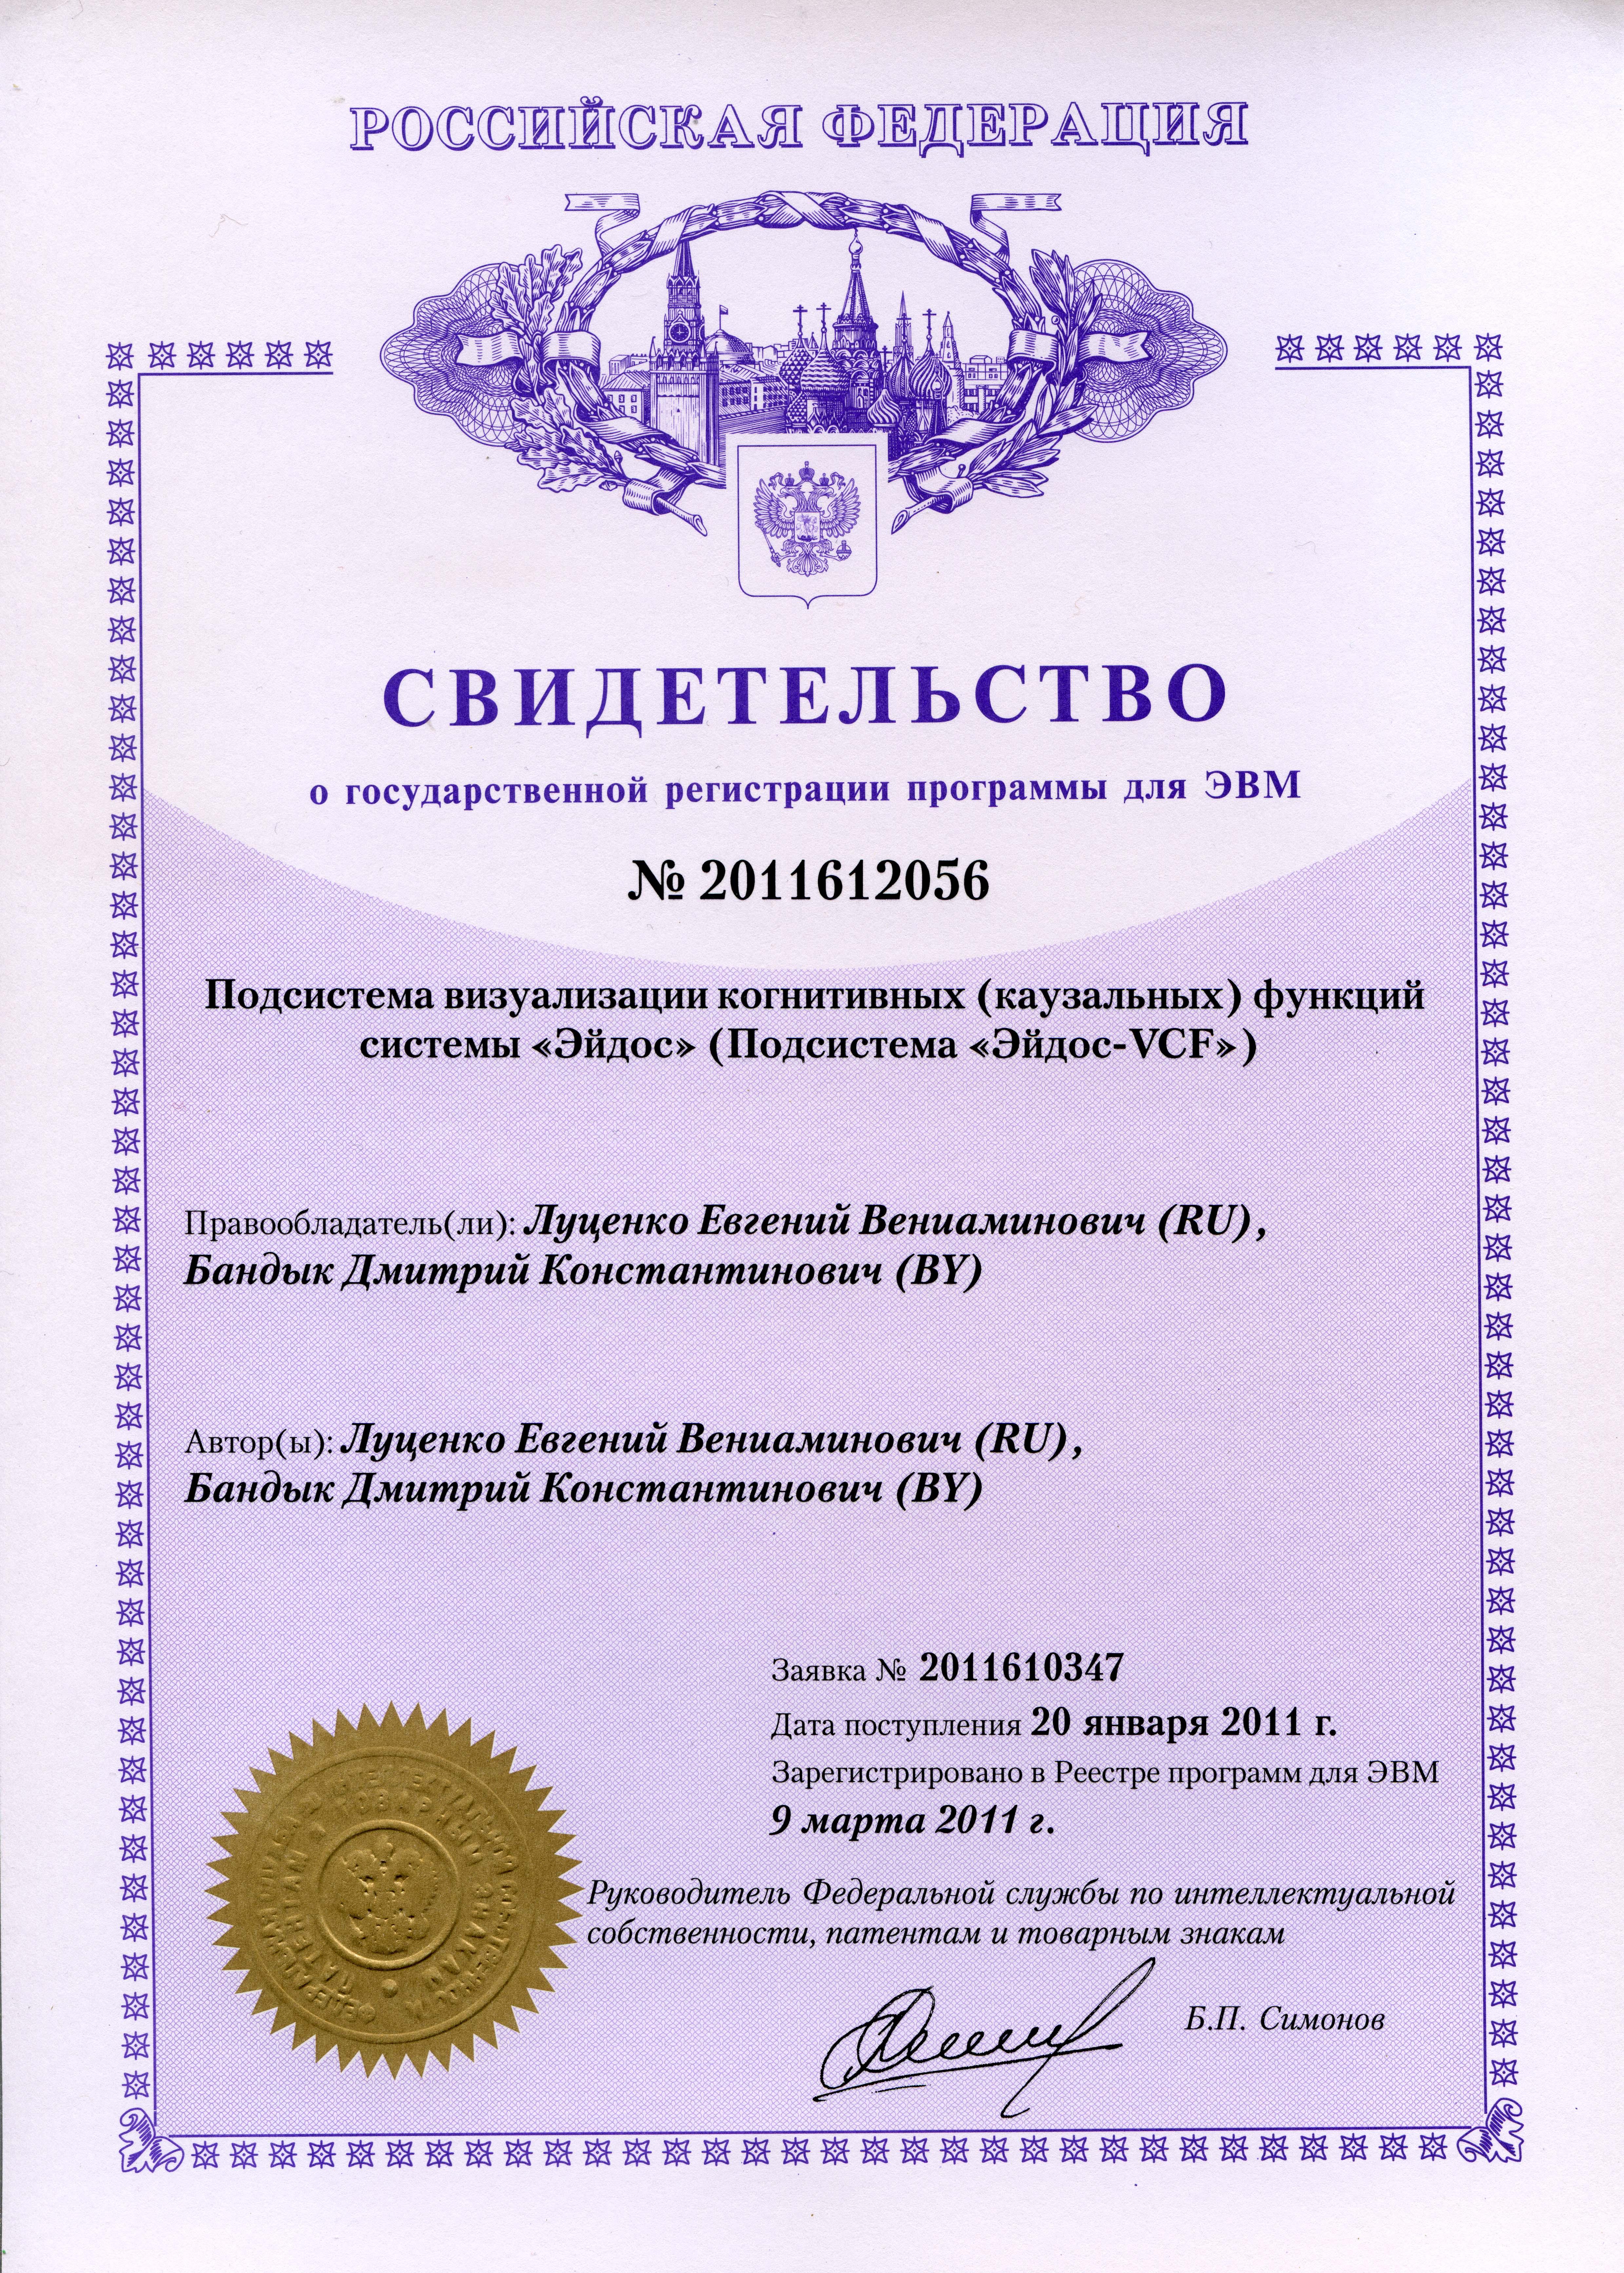 260. вестник кибернетики (электронный журнал)